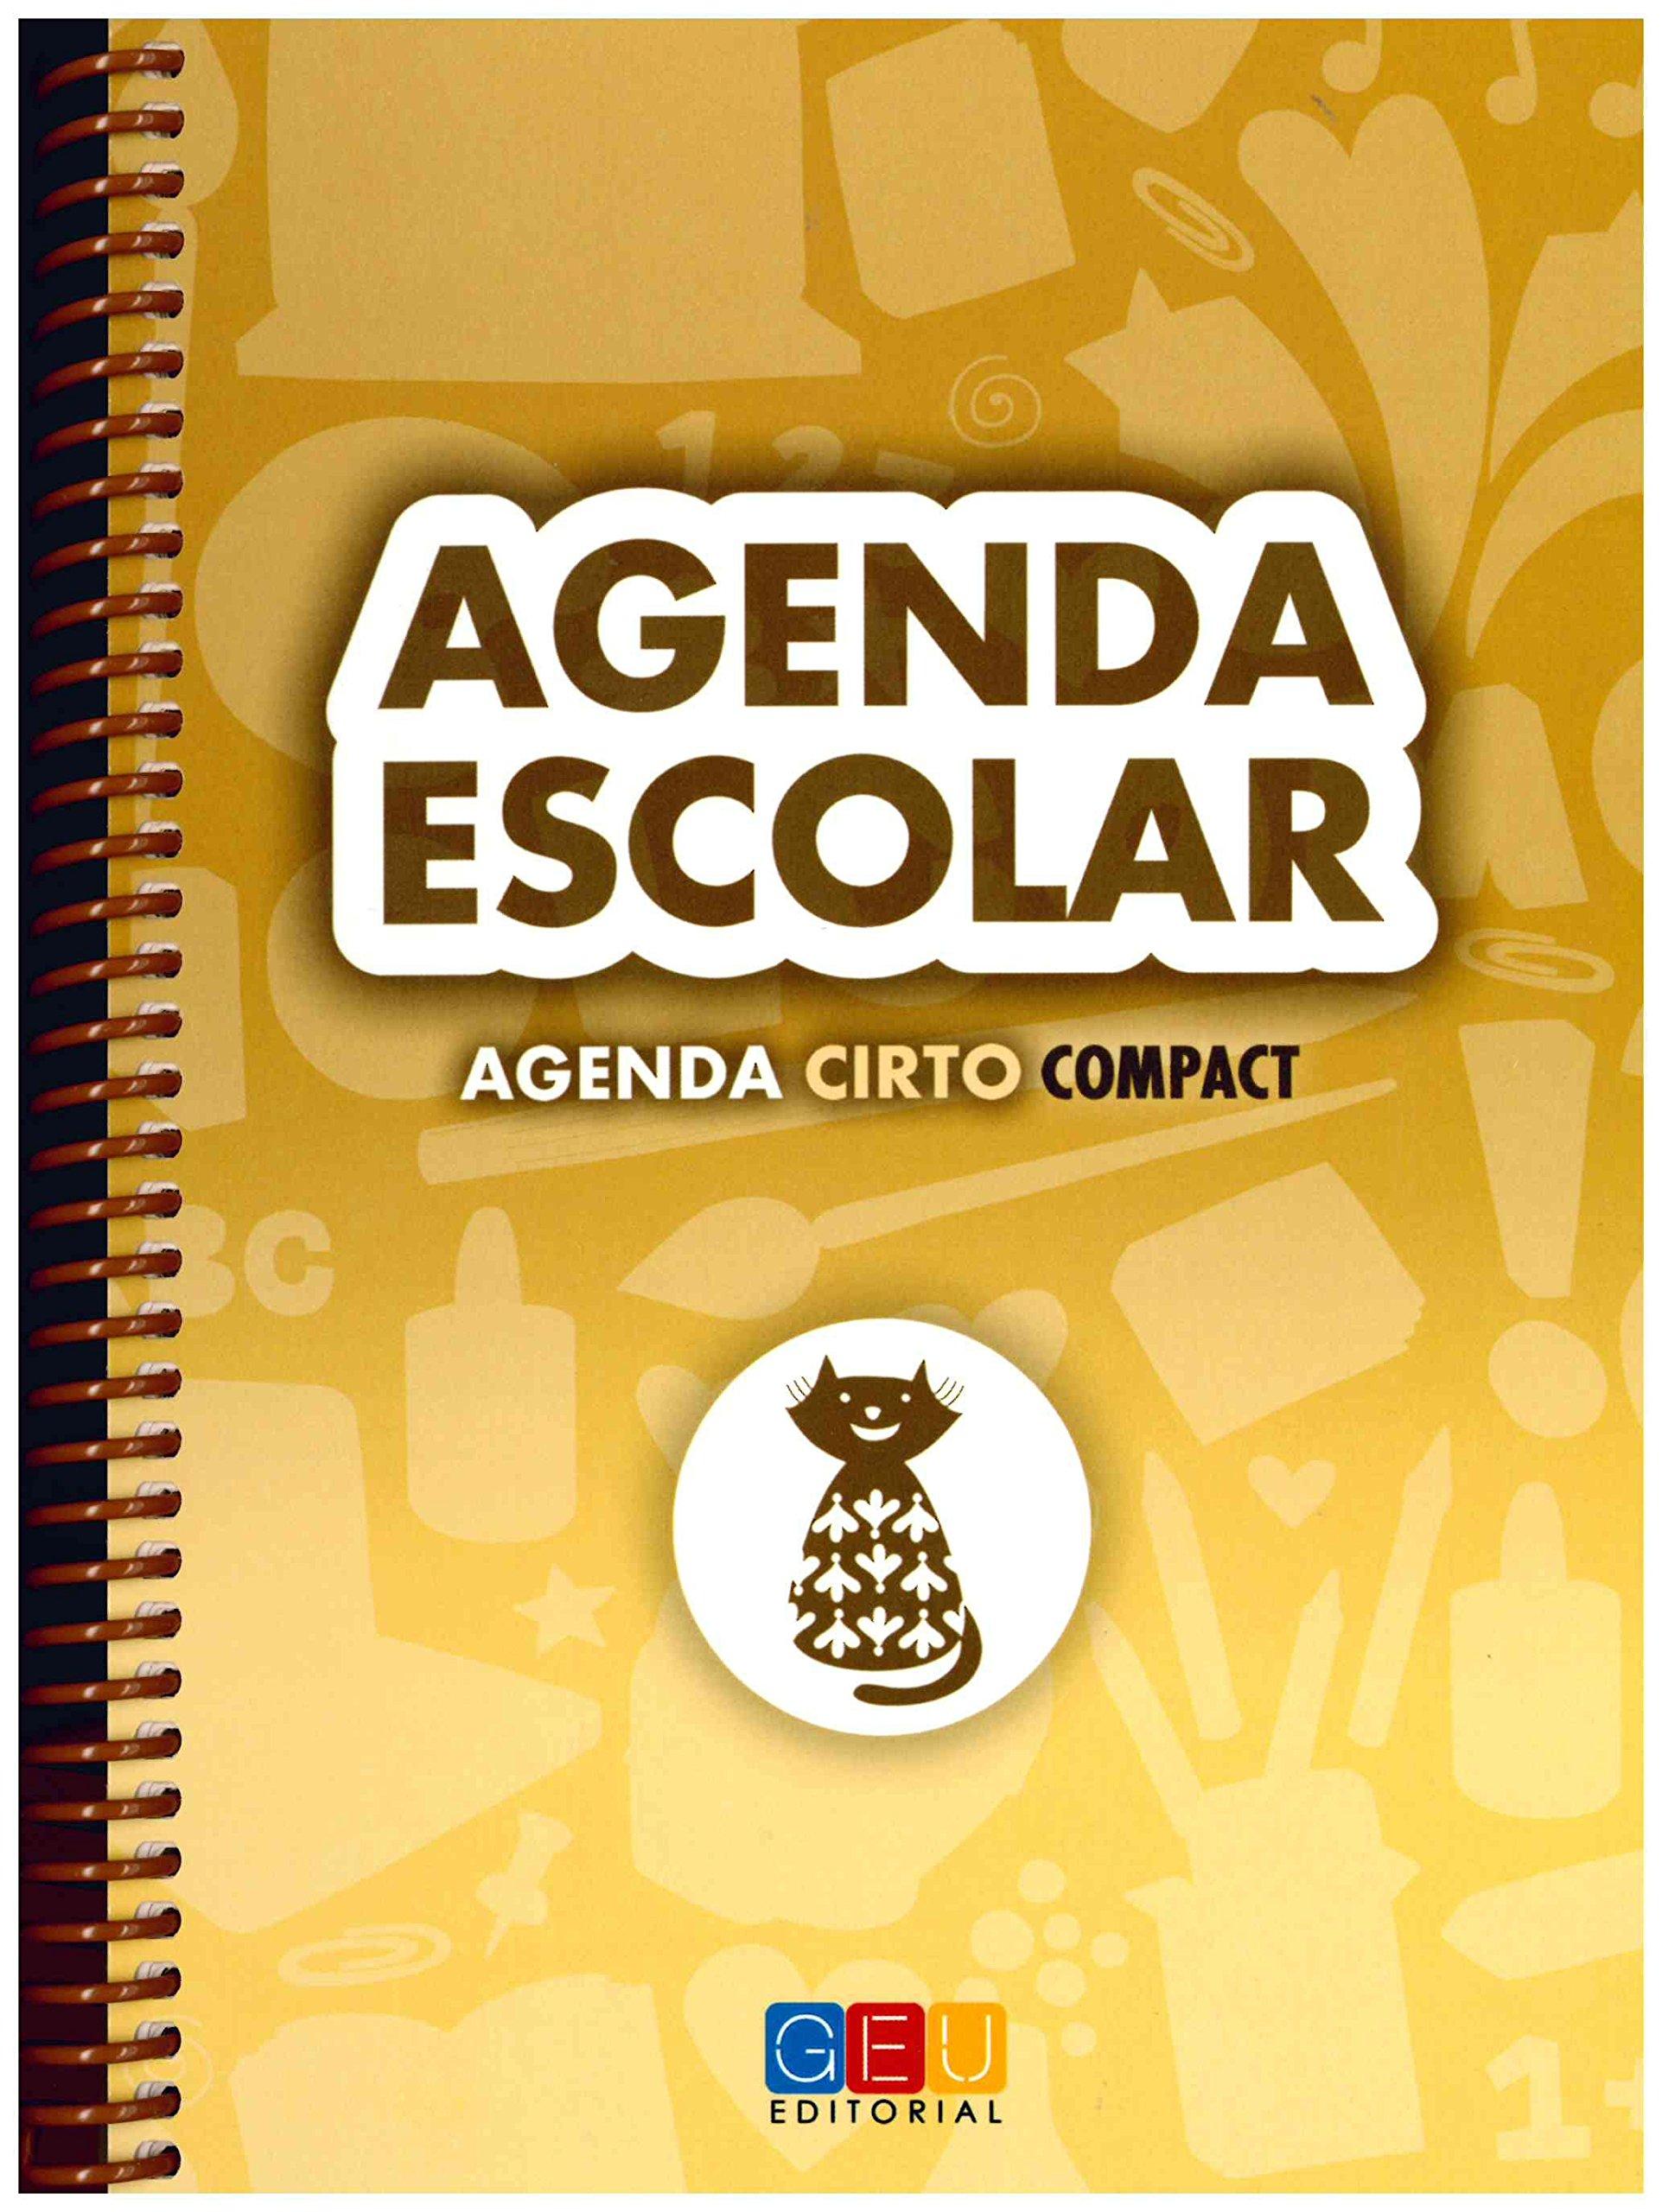 AGENDA ESCOLAR CIRTO COMPACT: 8436548131562: Amazon.com: Books